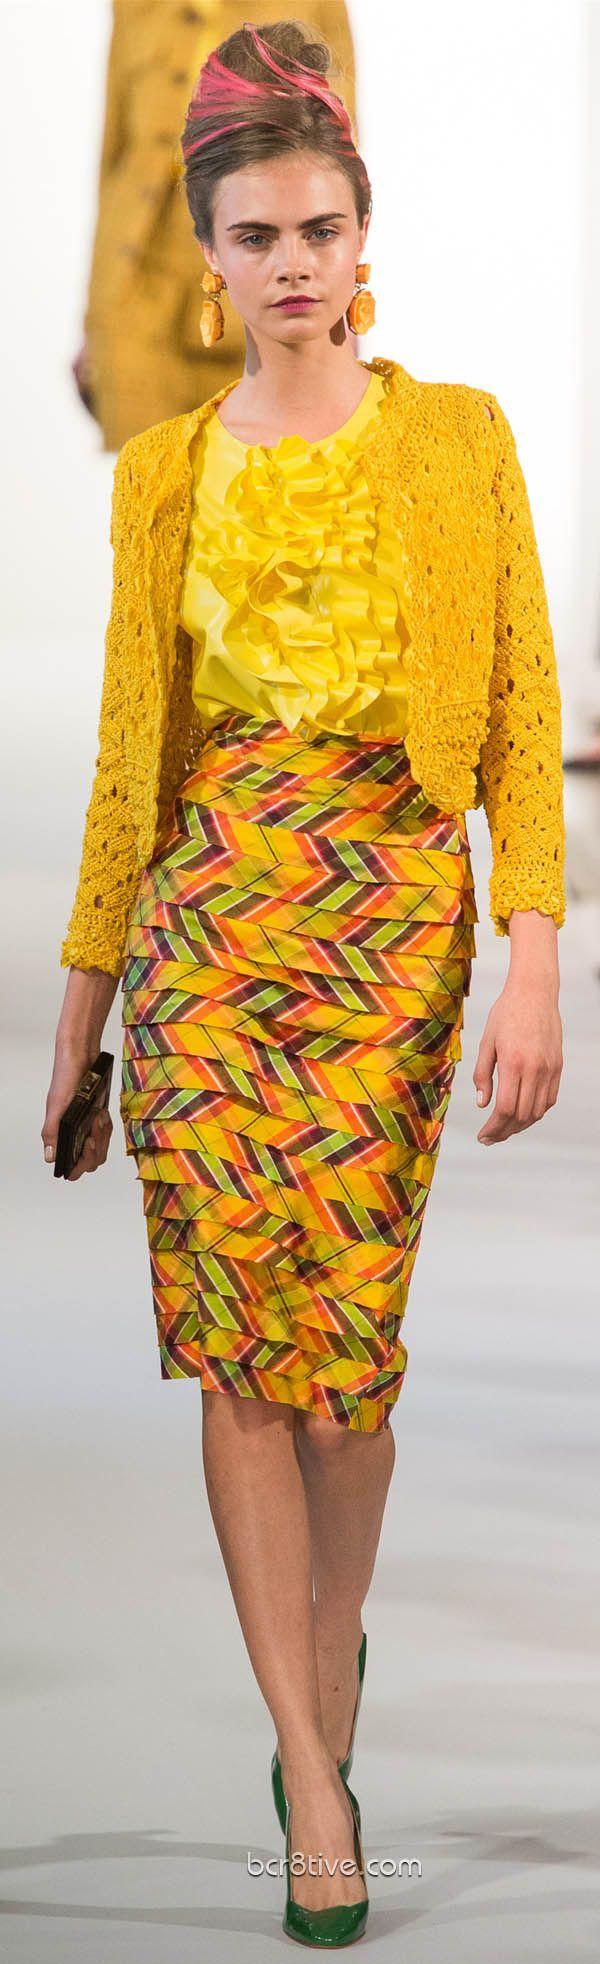 Oscar De La Renta Spring Summer traje falda amarillo